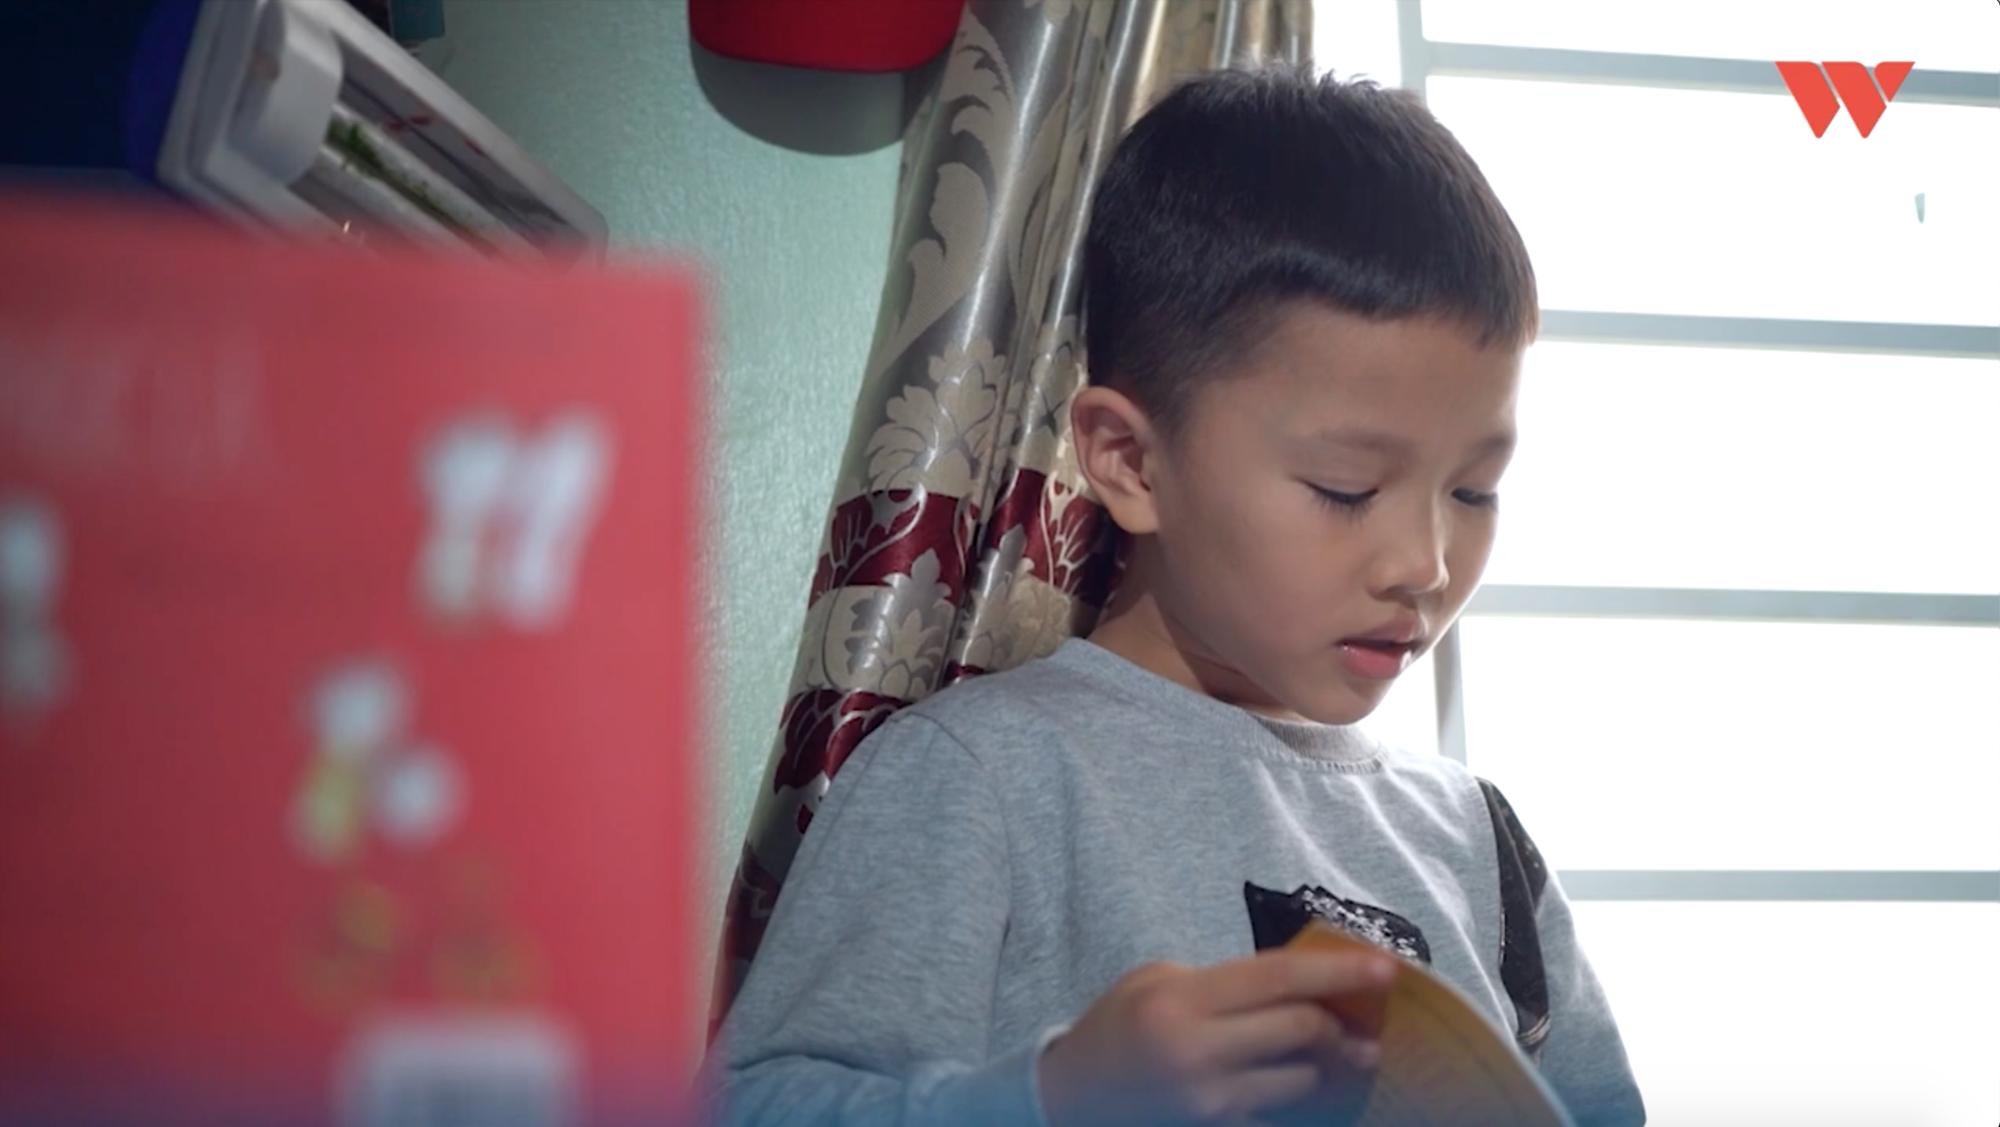 Nguyễn Quốc Vương - Nhà nghiên cứu trở về Việt Nam bán sách rong sau 8 năm du học ở Nhật Bản - Ảnh 7.